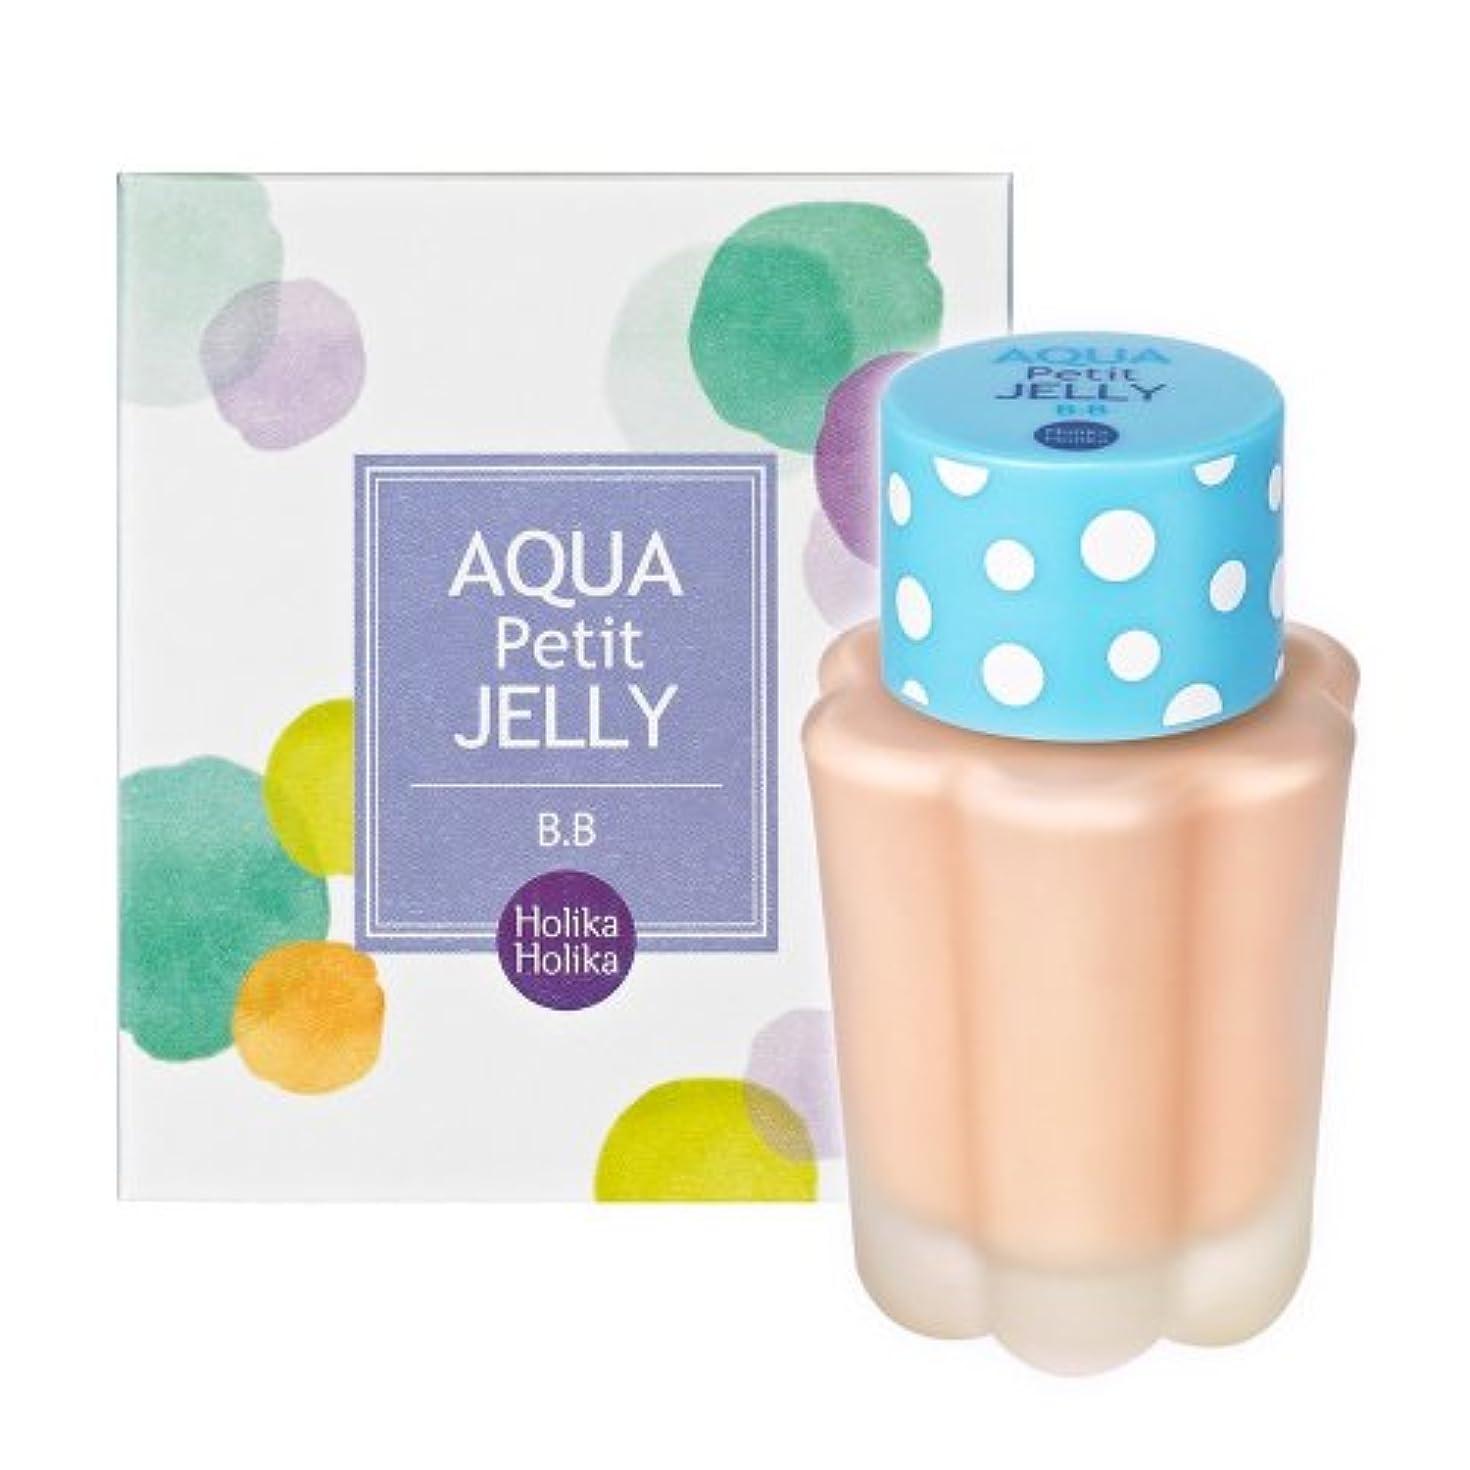 いっぱい一見矛盾するHolika Holika ホリカホリカ アクア?プチ?ゼリー?ビービー?クリーム 40ml #2 (Aqua Petit jelly BB Cream) 海外直送品